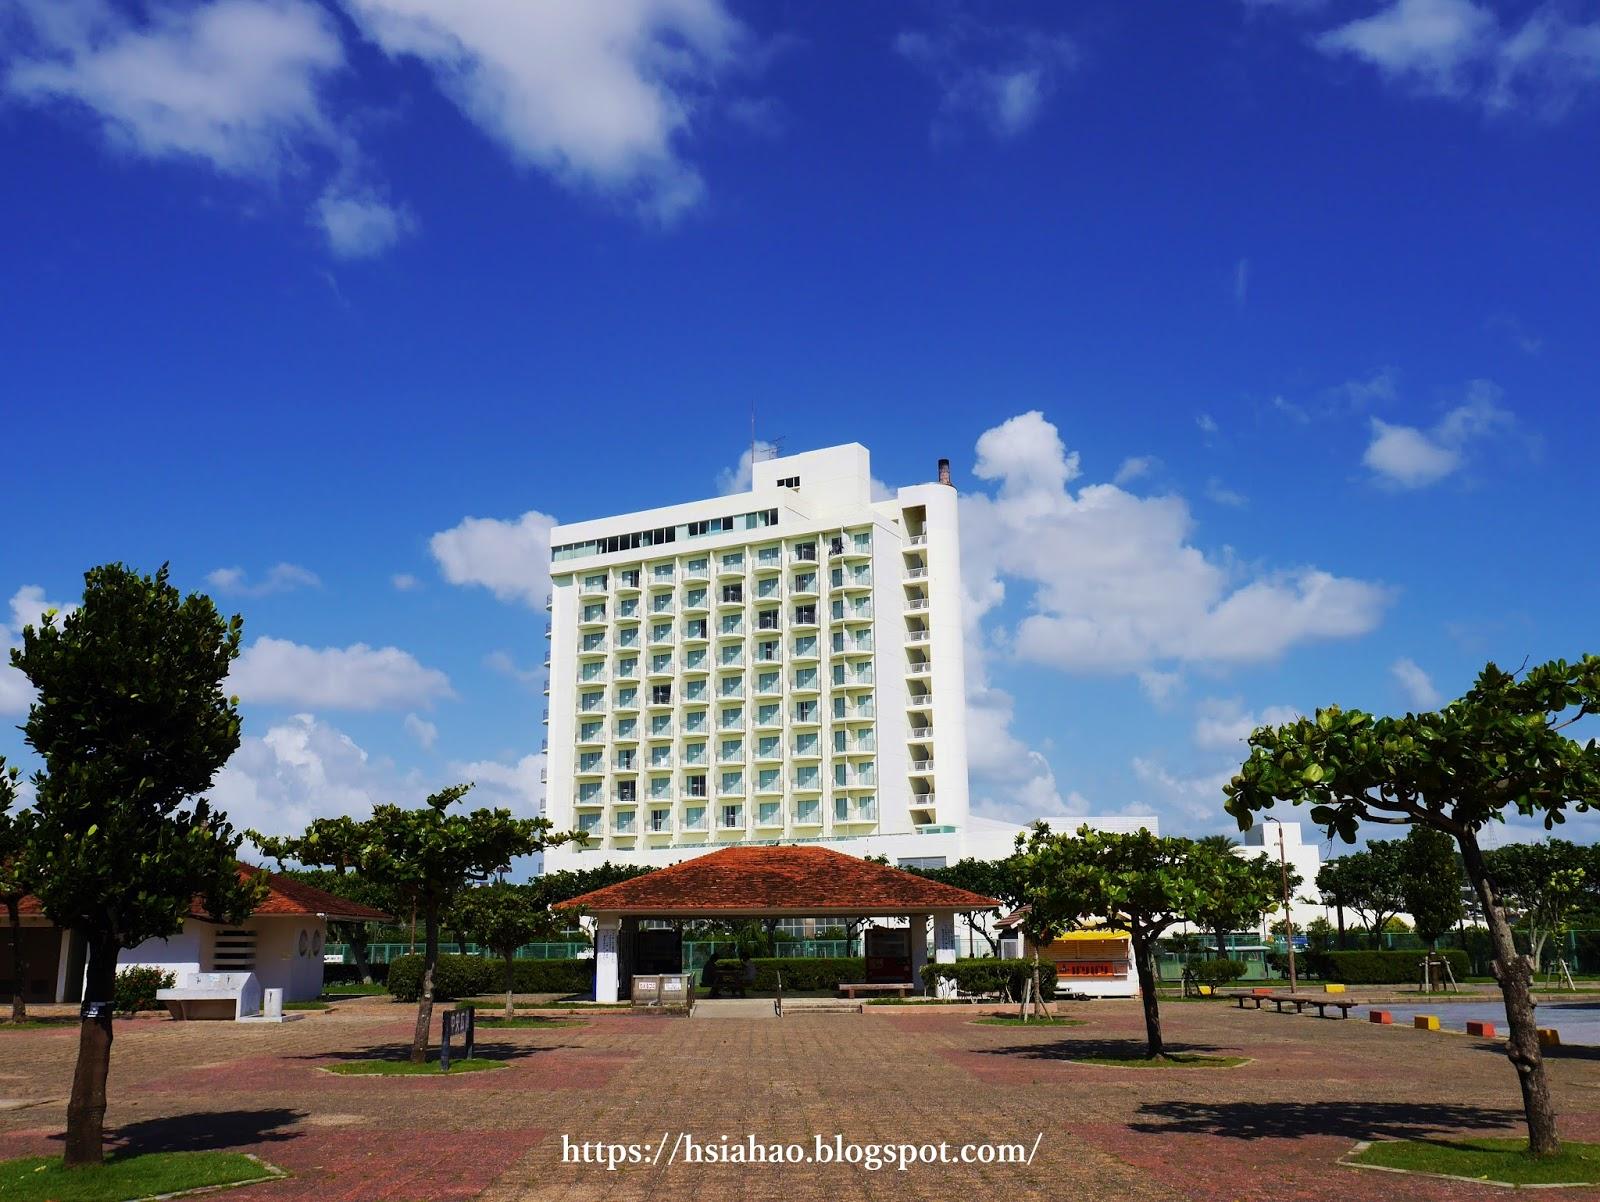 沖繩-景點-推薦-宜野灣海濱公園-熱帶海灘-tropical-beach-自由行-旅遊-Okinawa-Ginowan-Park